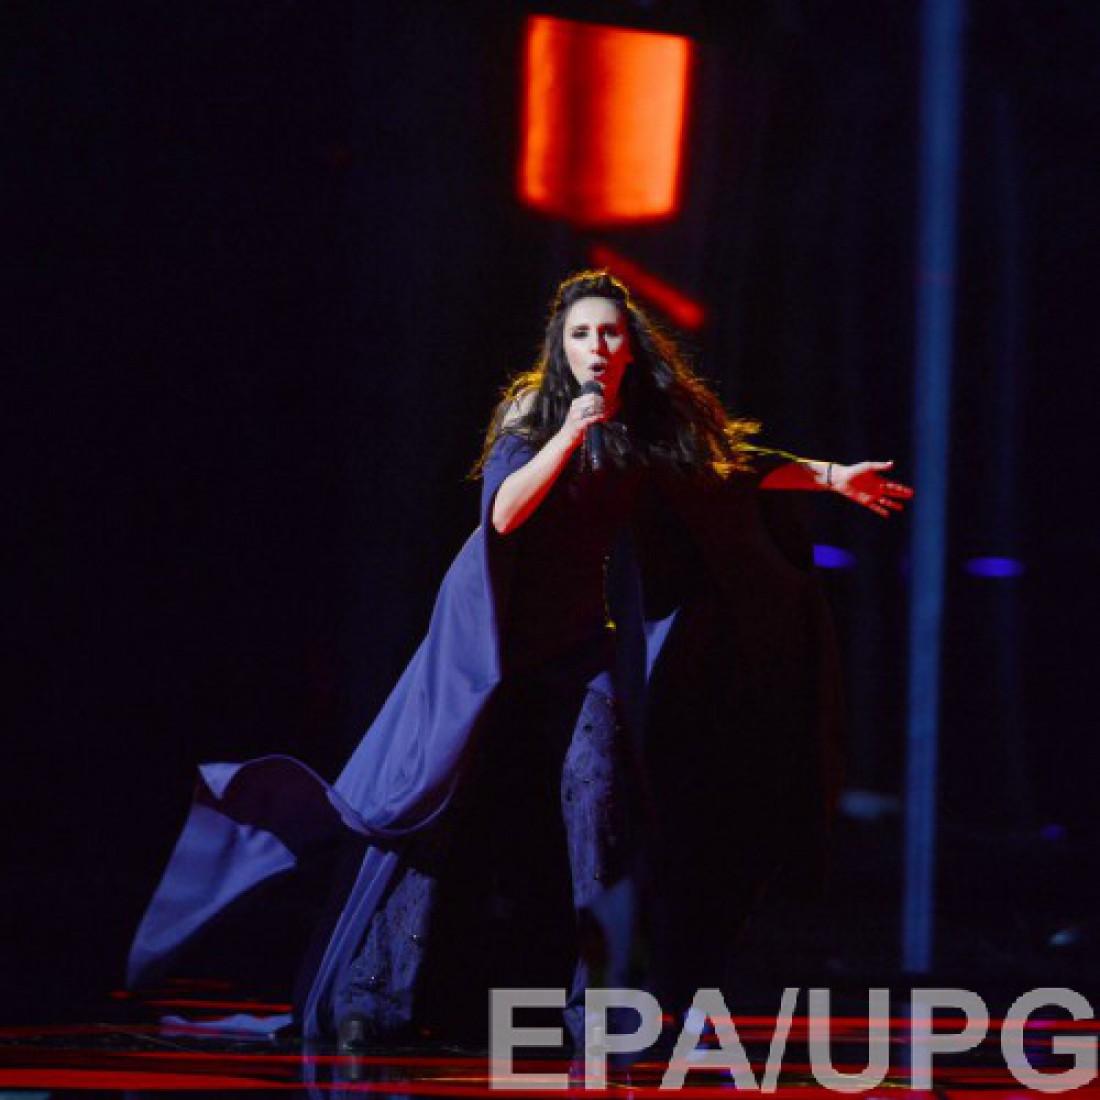 Евровидение 2016: участник от Украины Jamala